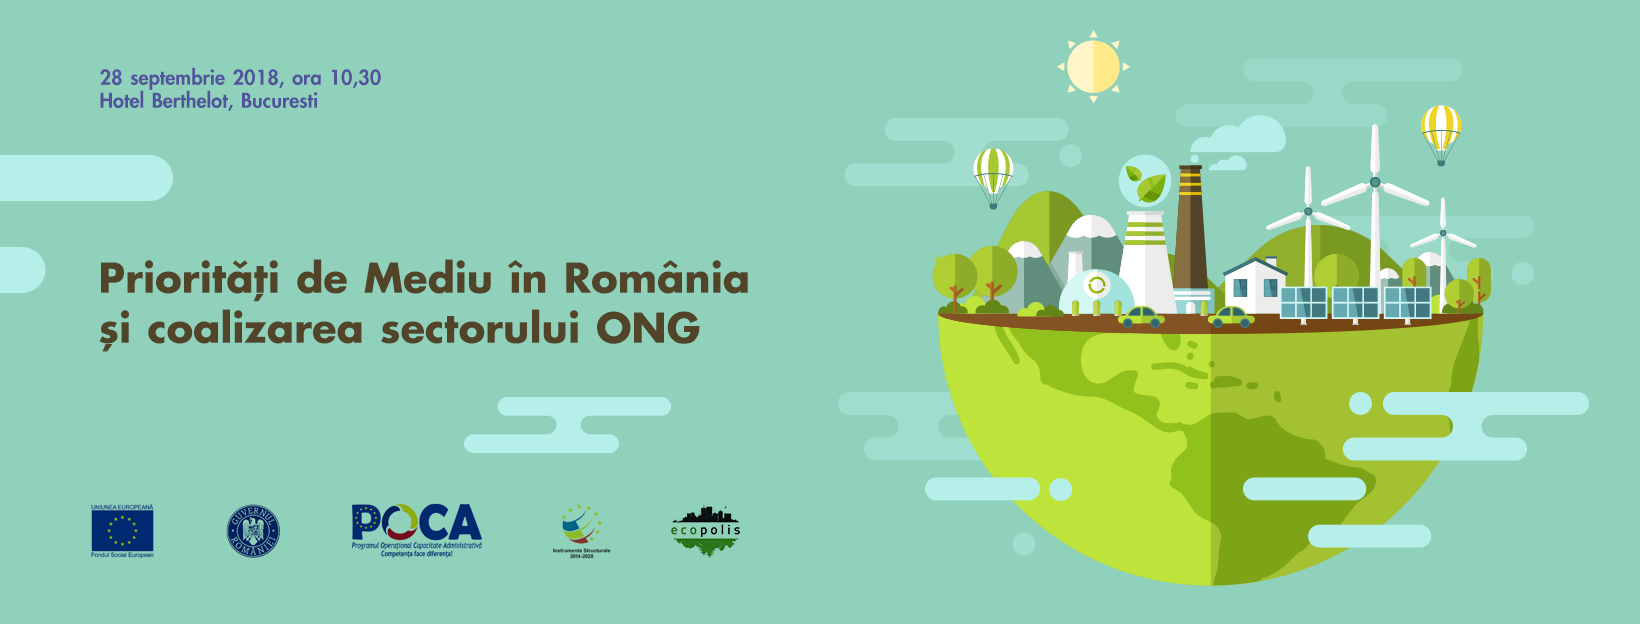 Prioritățile organizațiilor de Mediu din România și  coalizarea sectorului ONG